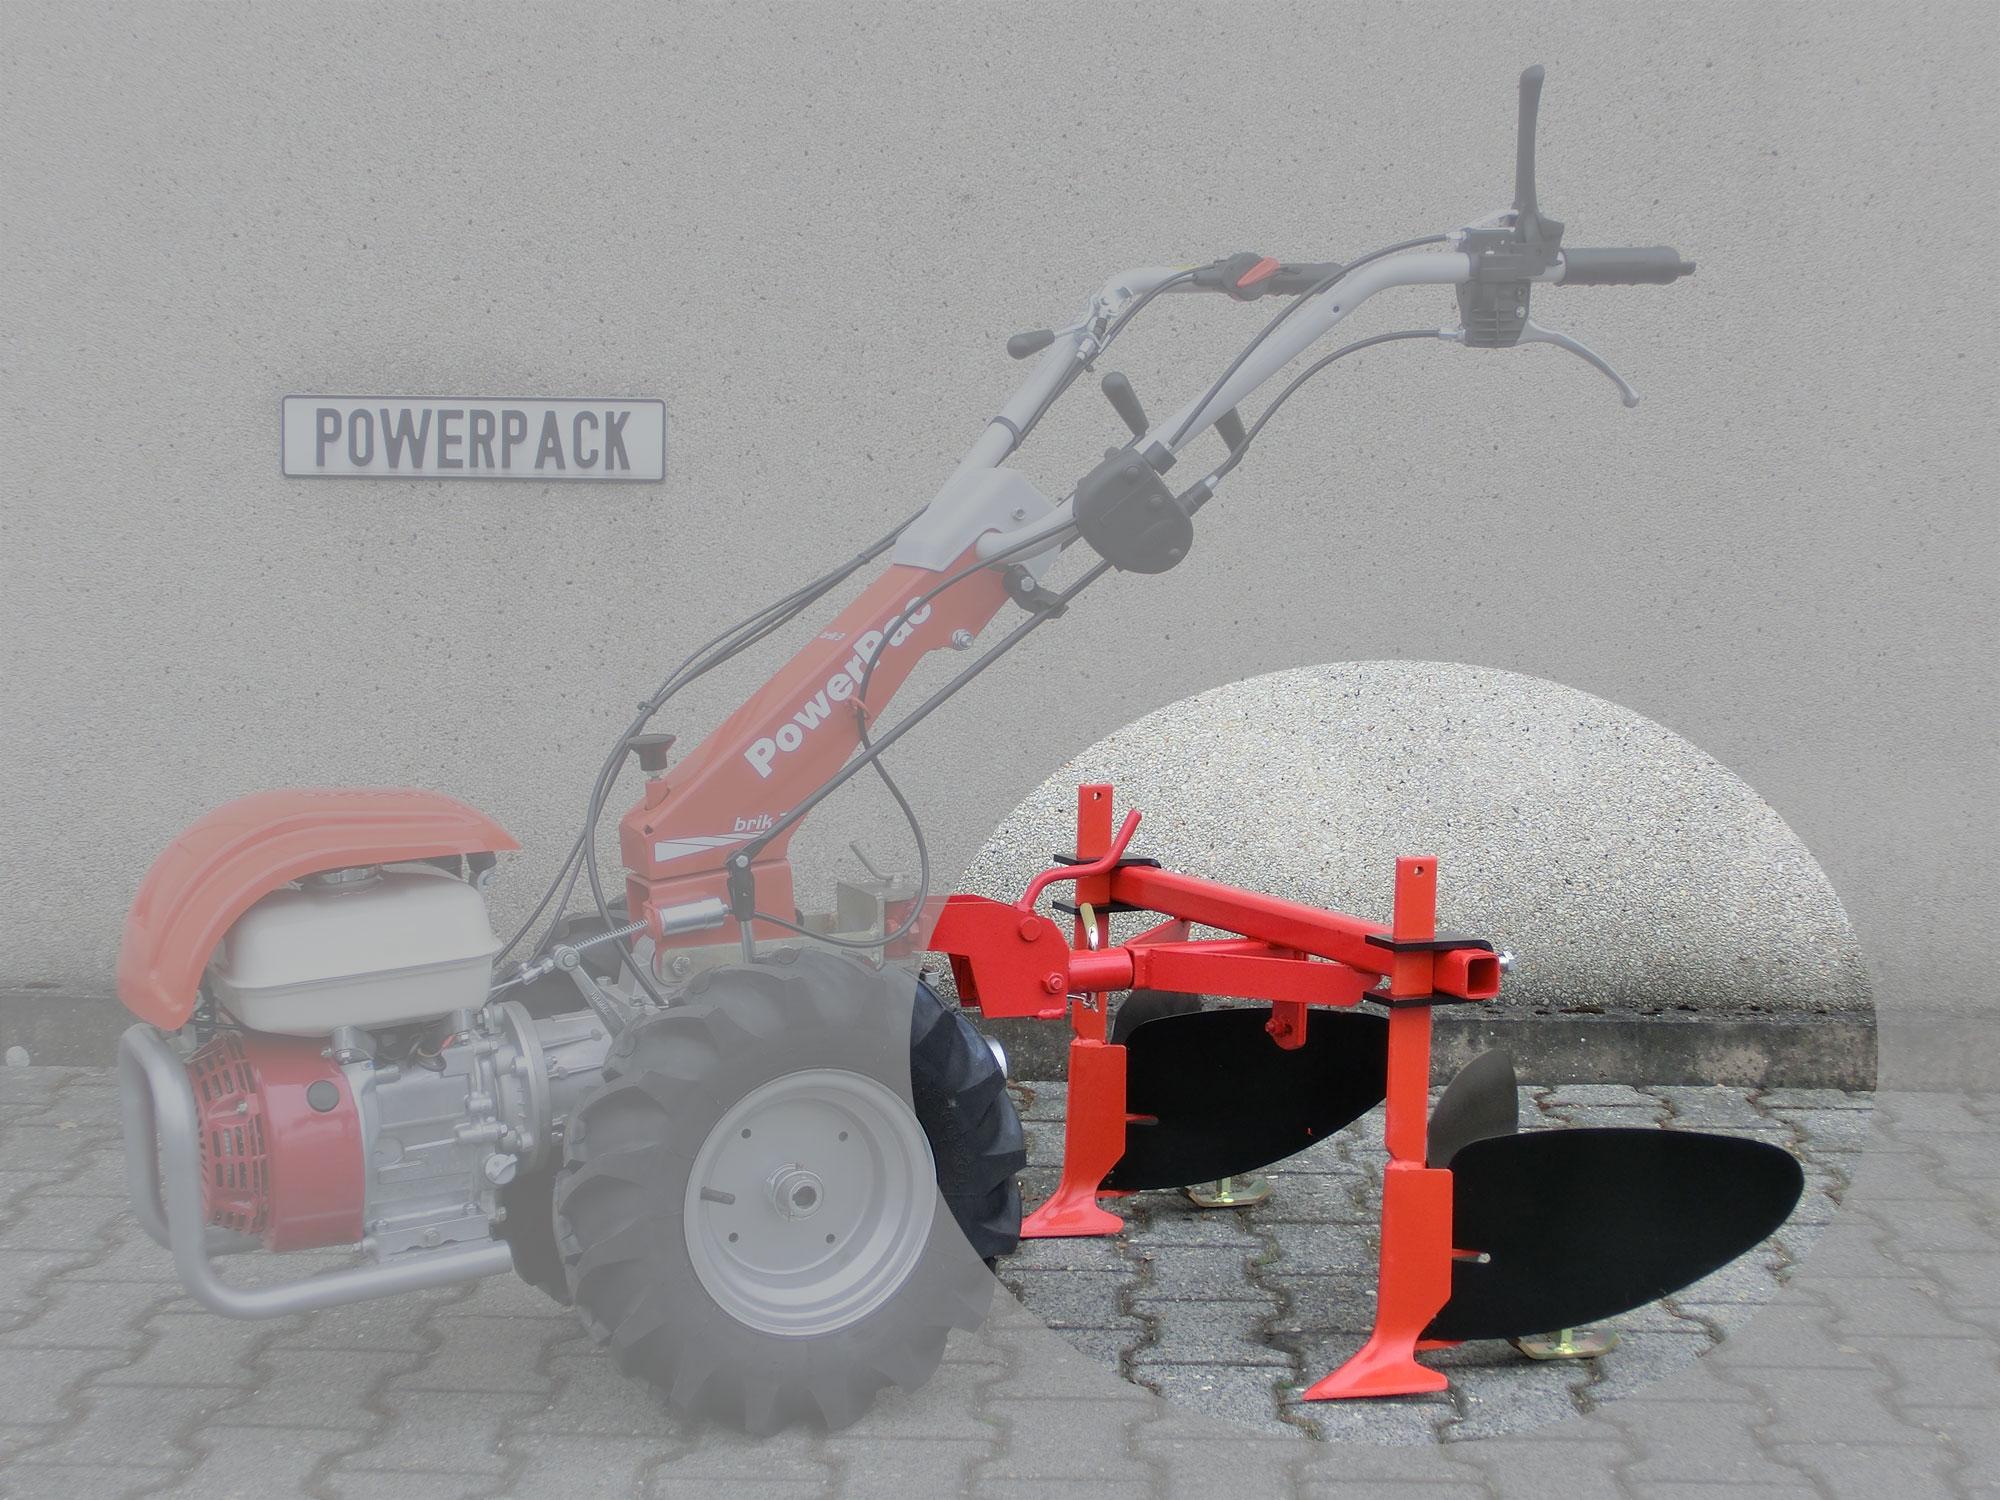 Powerpac Häufelpflug  für Einachser Basismodul KAM5 70cm Bild 1